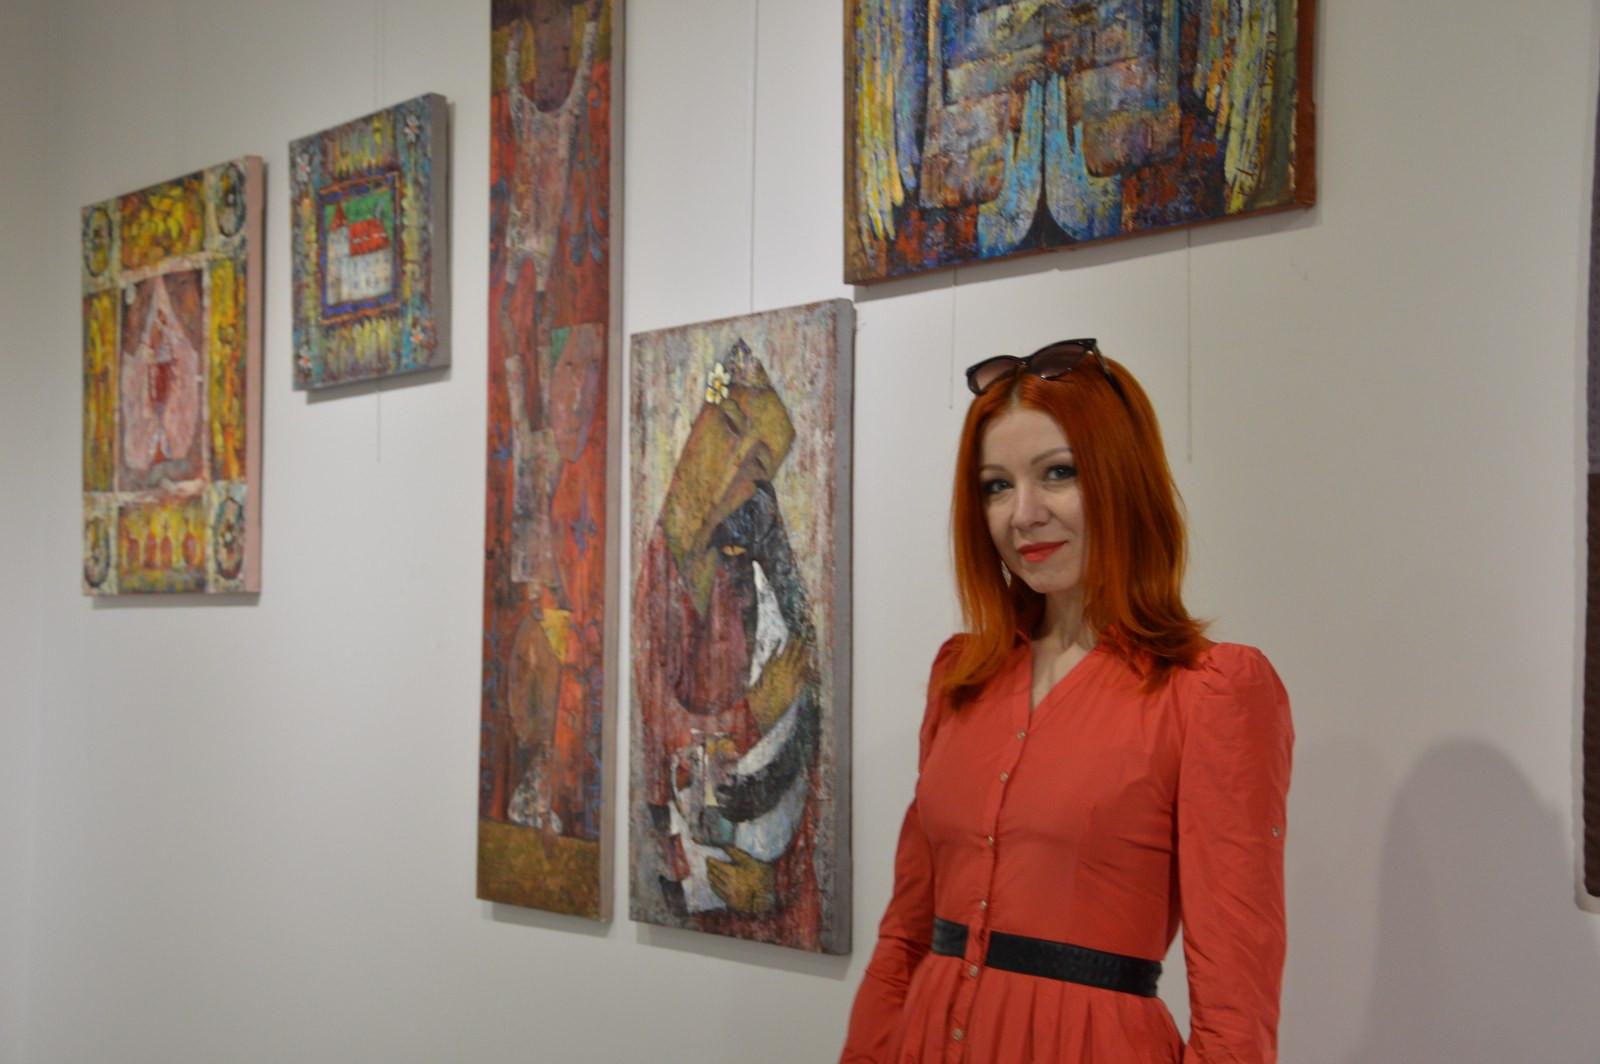 Türk Dünyasından Kadın Sanatçılar İstanbul'da Buluştu Galeri - 32. Resim